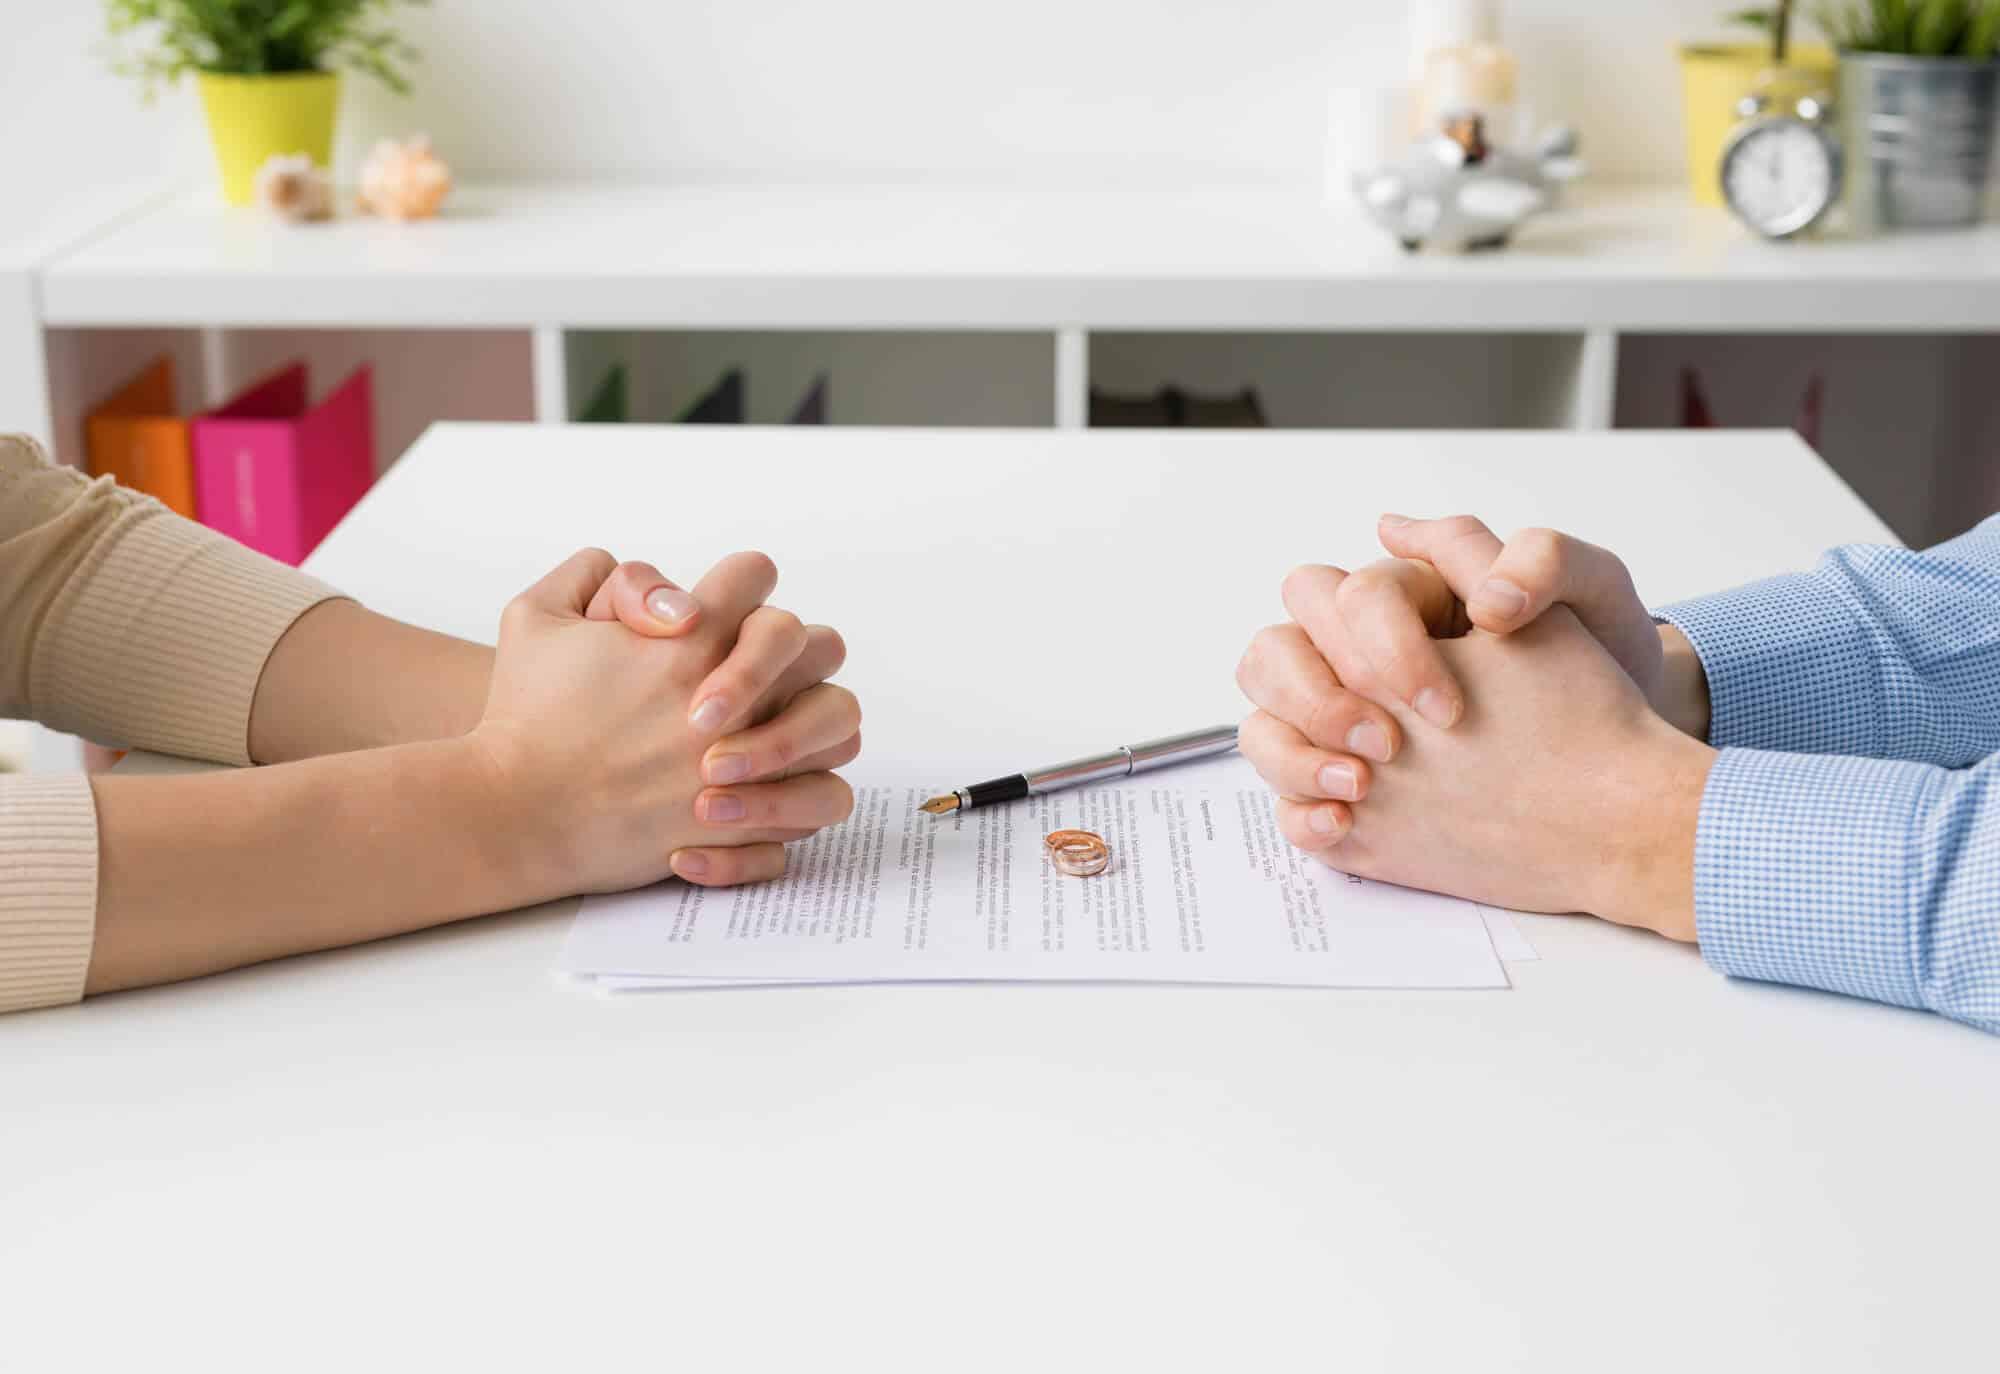 גבר ואישה יושבים זה מול זה כאשר טבעות הנישואין שלהם על מסמך לבן דמוי חוזה